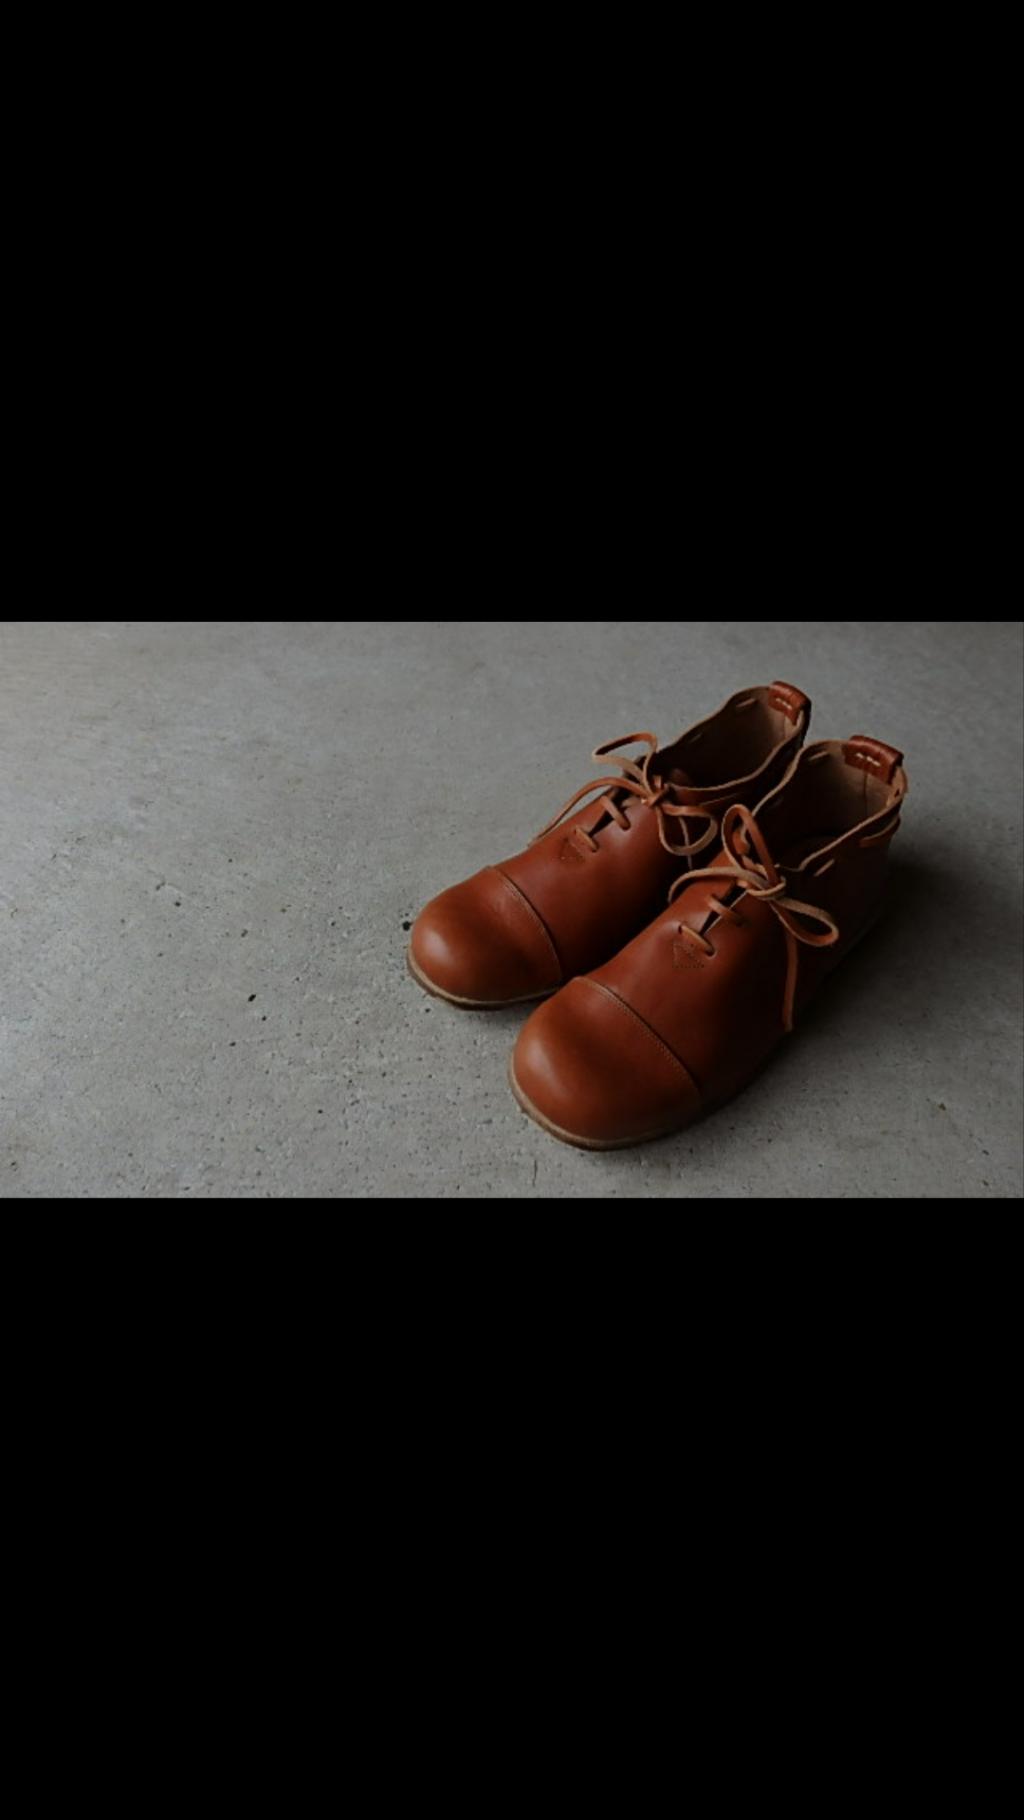 【2018出展作家:皮革】土方靴修理店